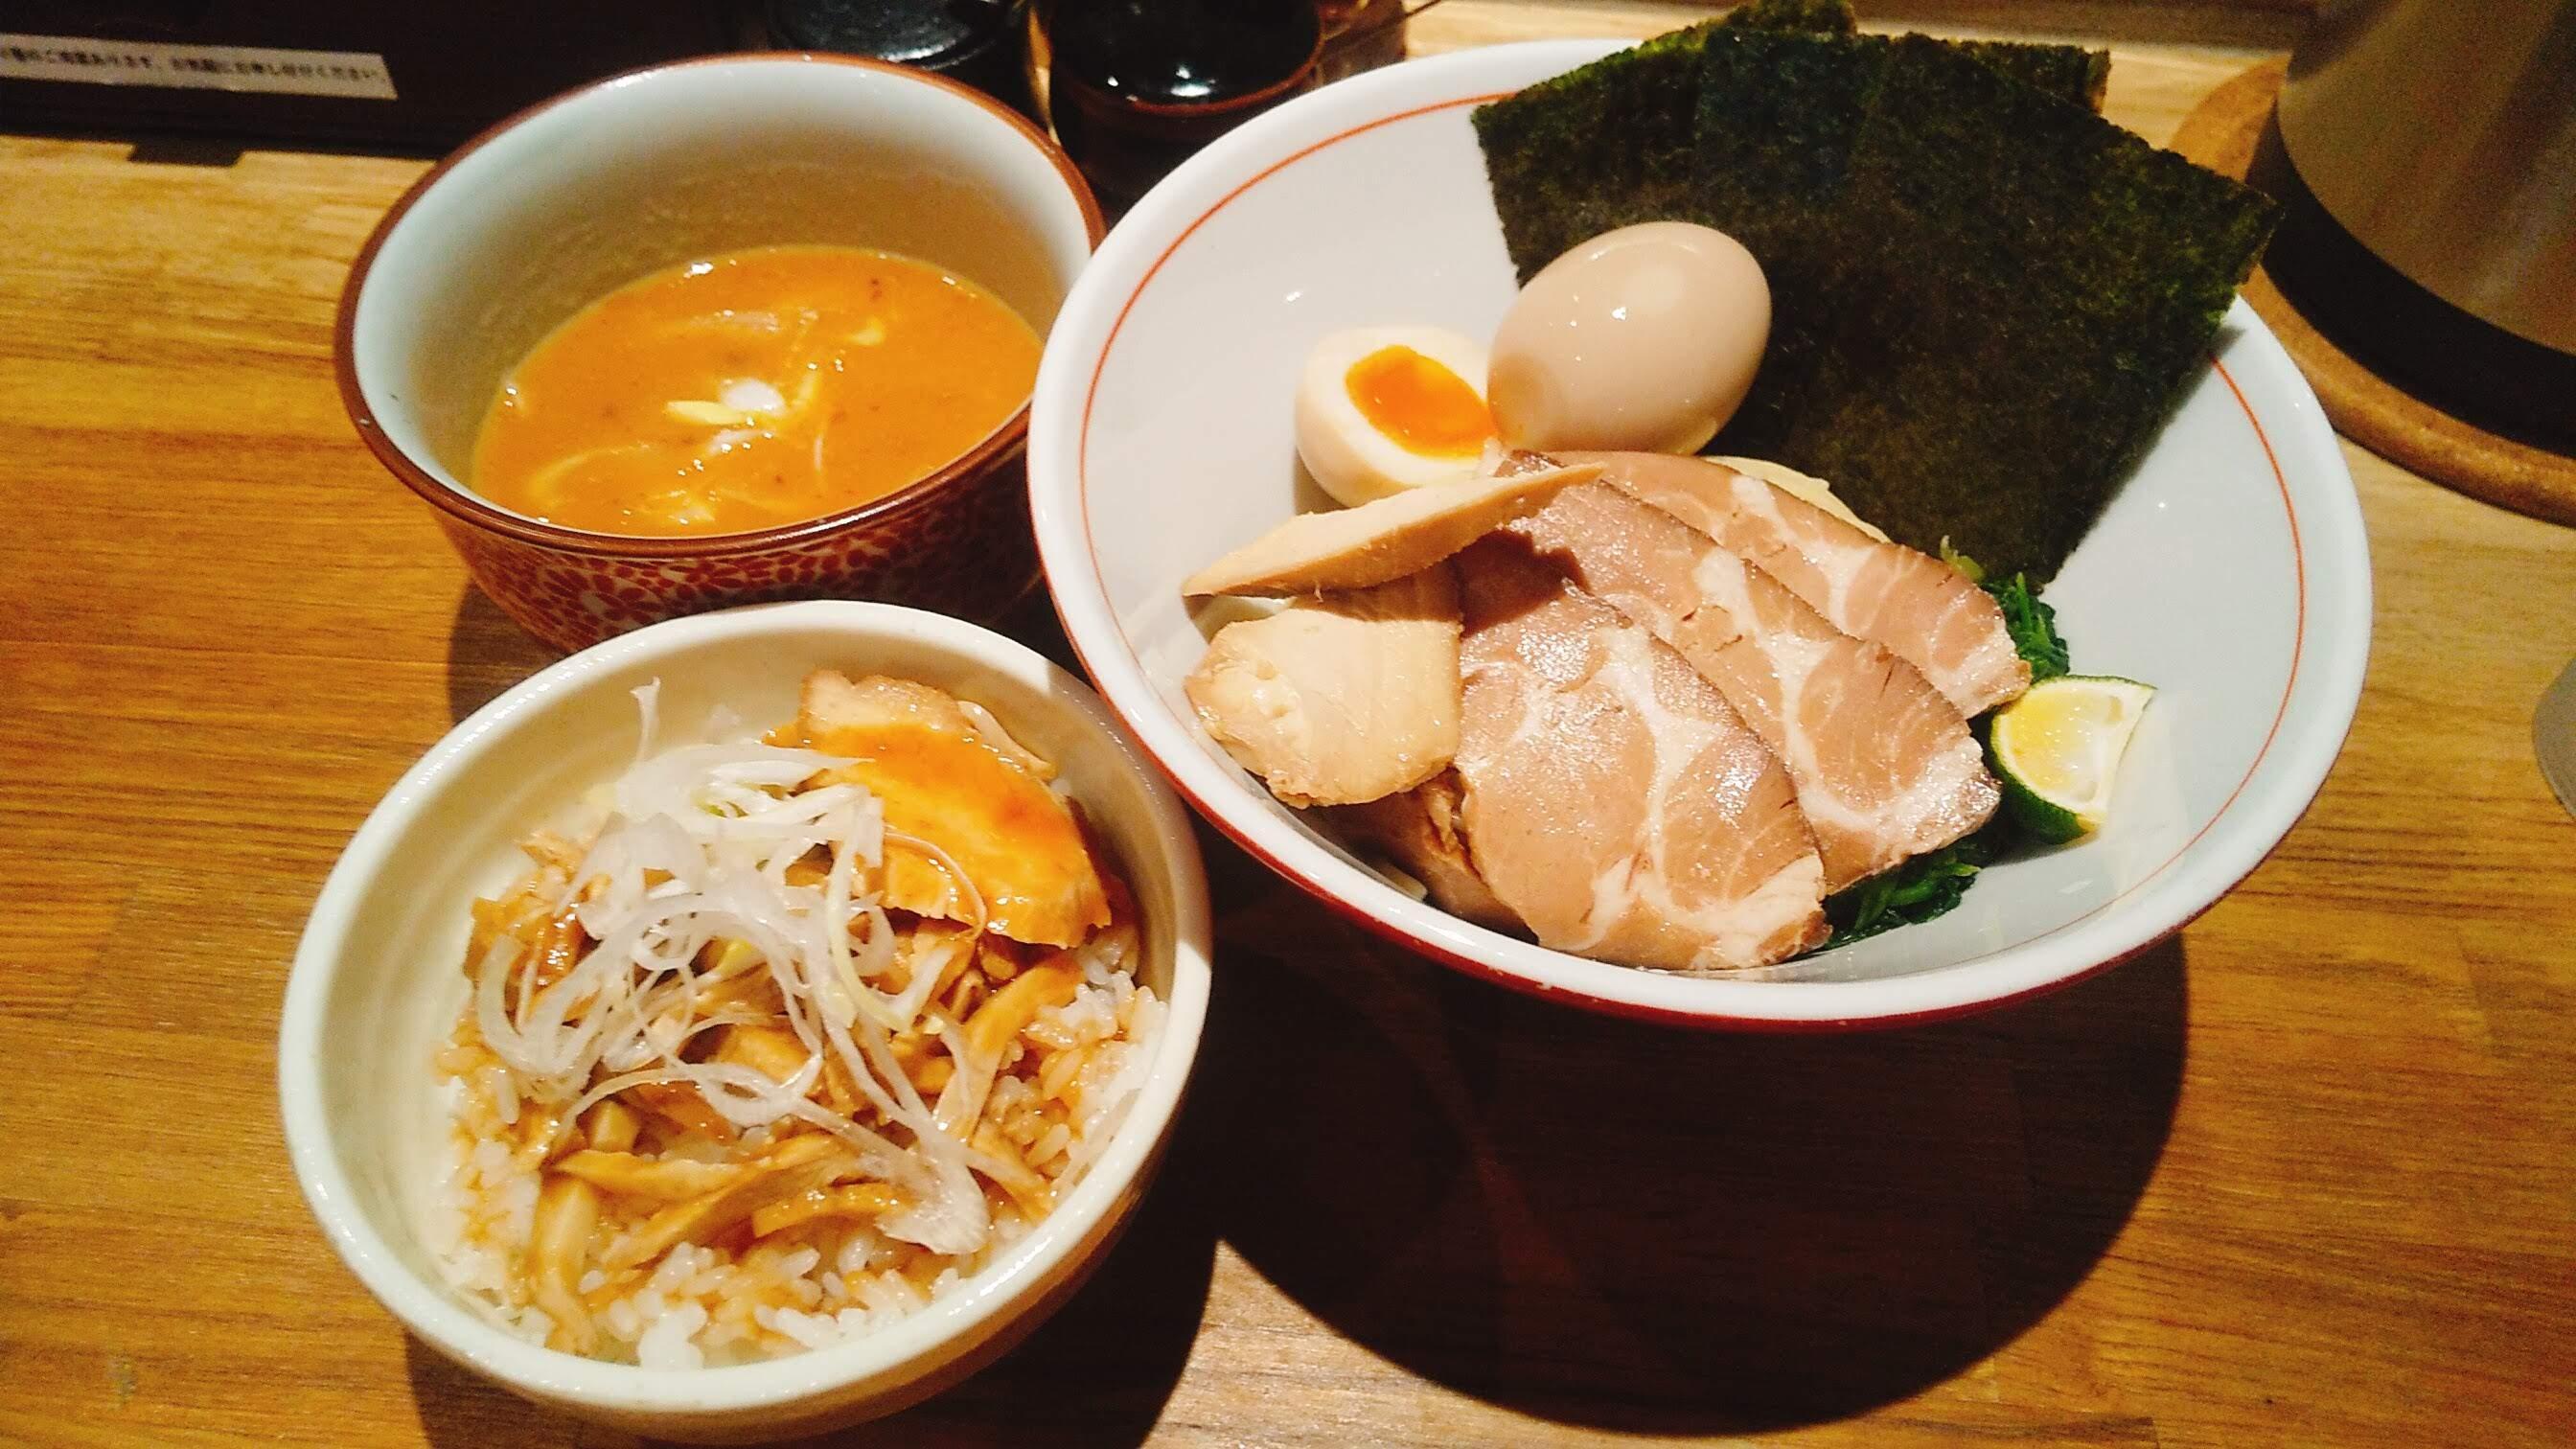 饗膳麺昌㐂の芳醇魚介鶏白湯特製つけ麺の写真